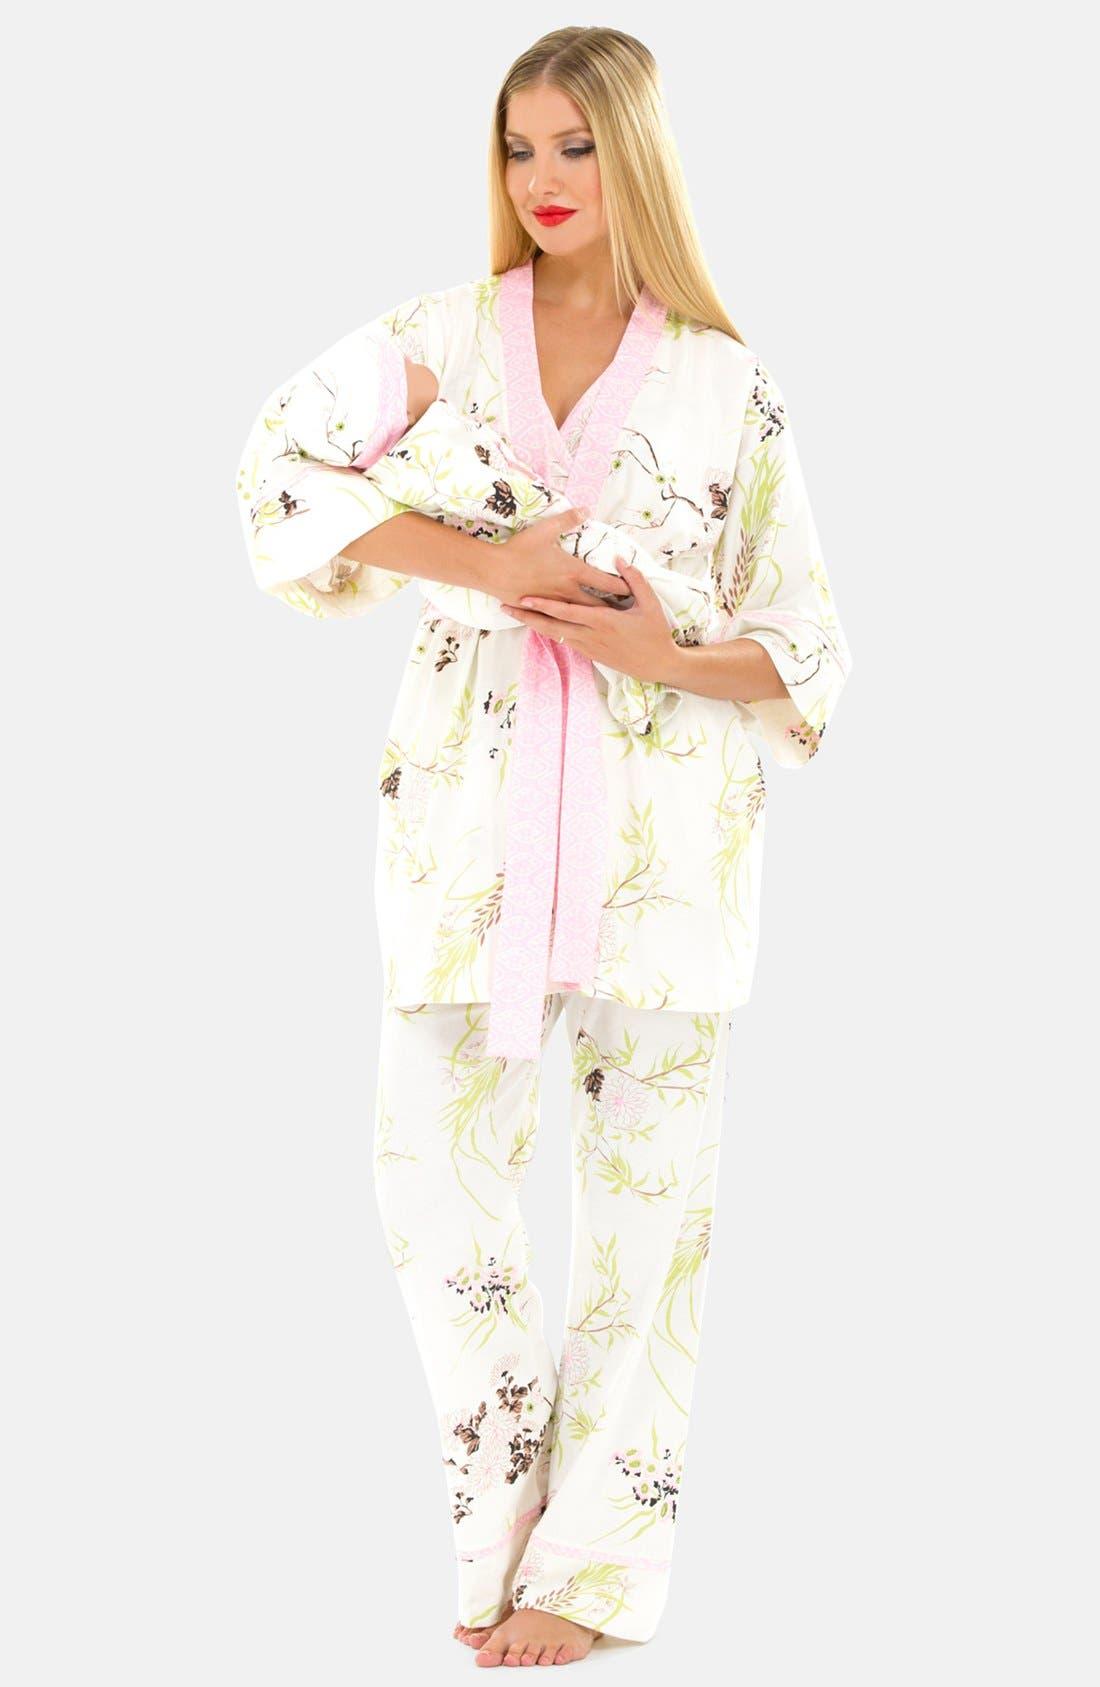 OLIAN Five-Piece Maternity Sleepwear Gift Set